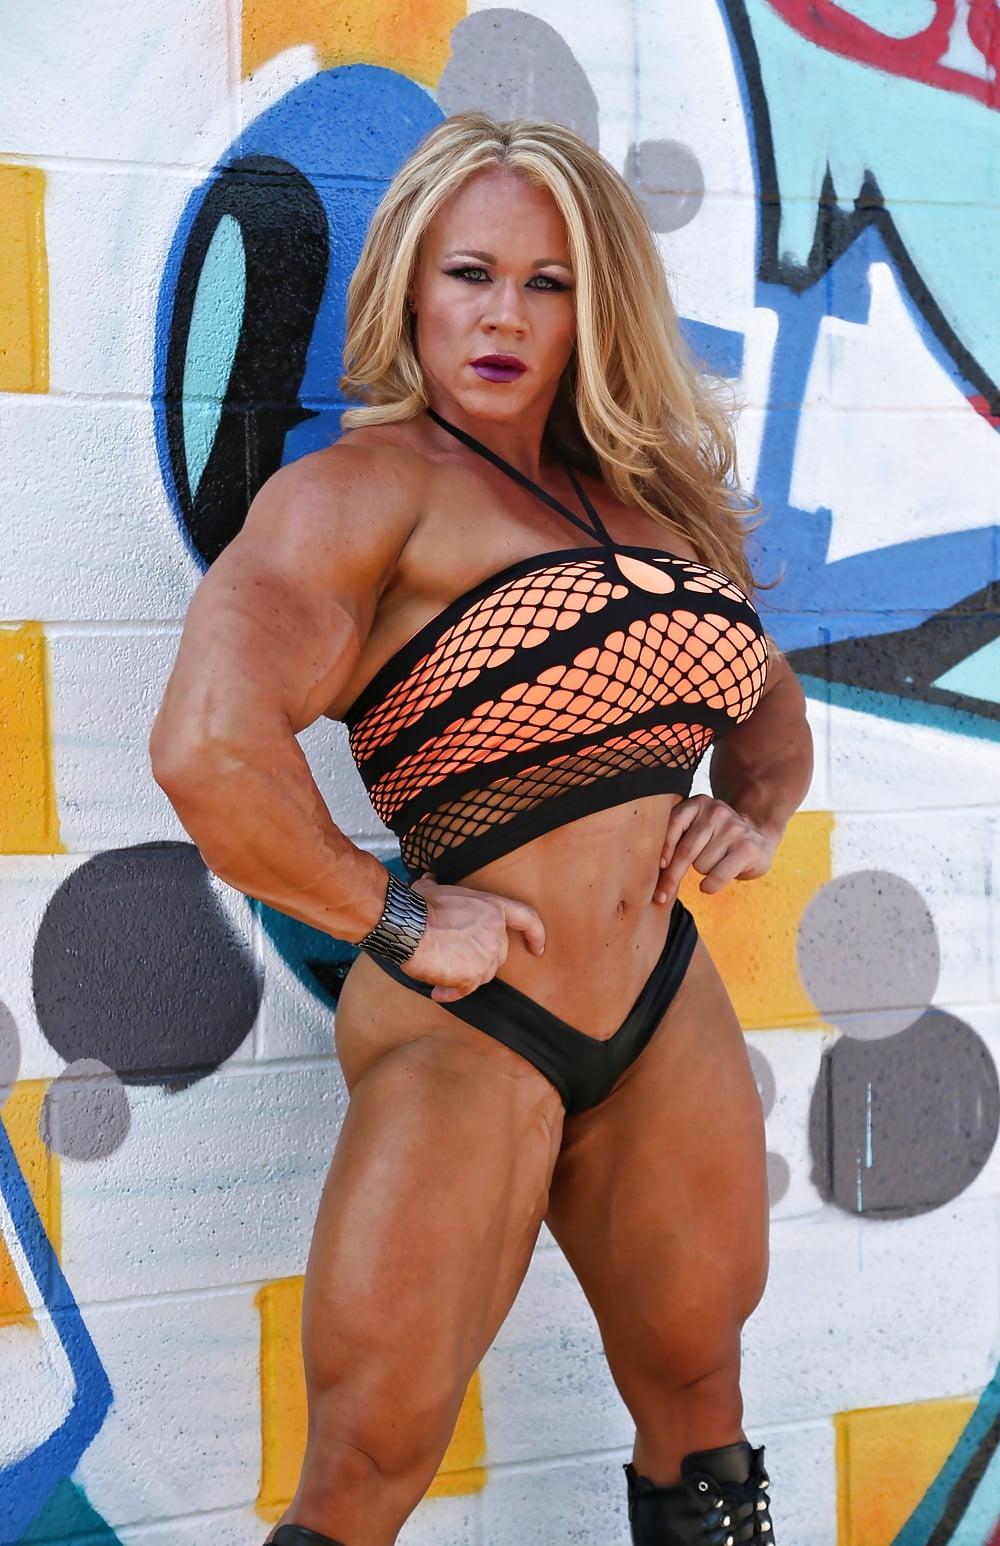 Nude aleesha young Female Bodybuilder